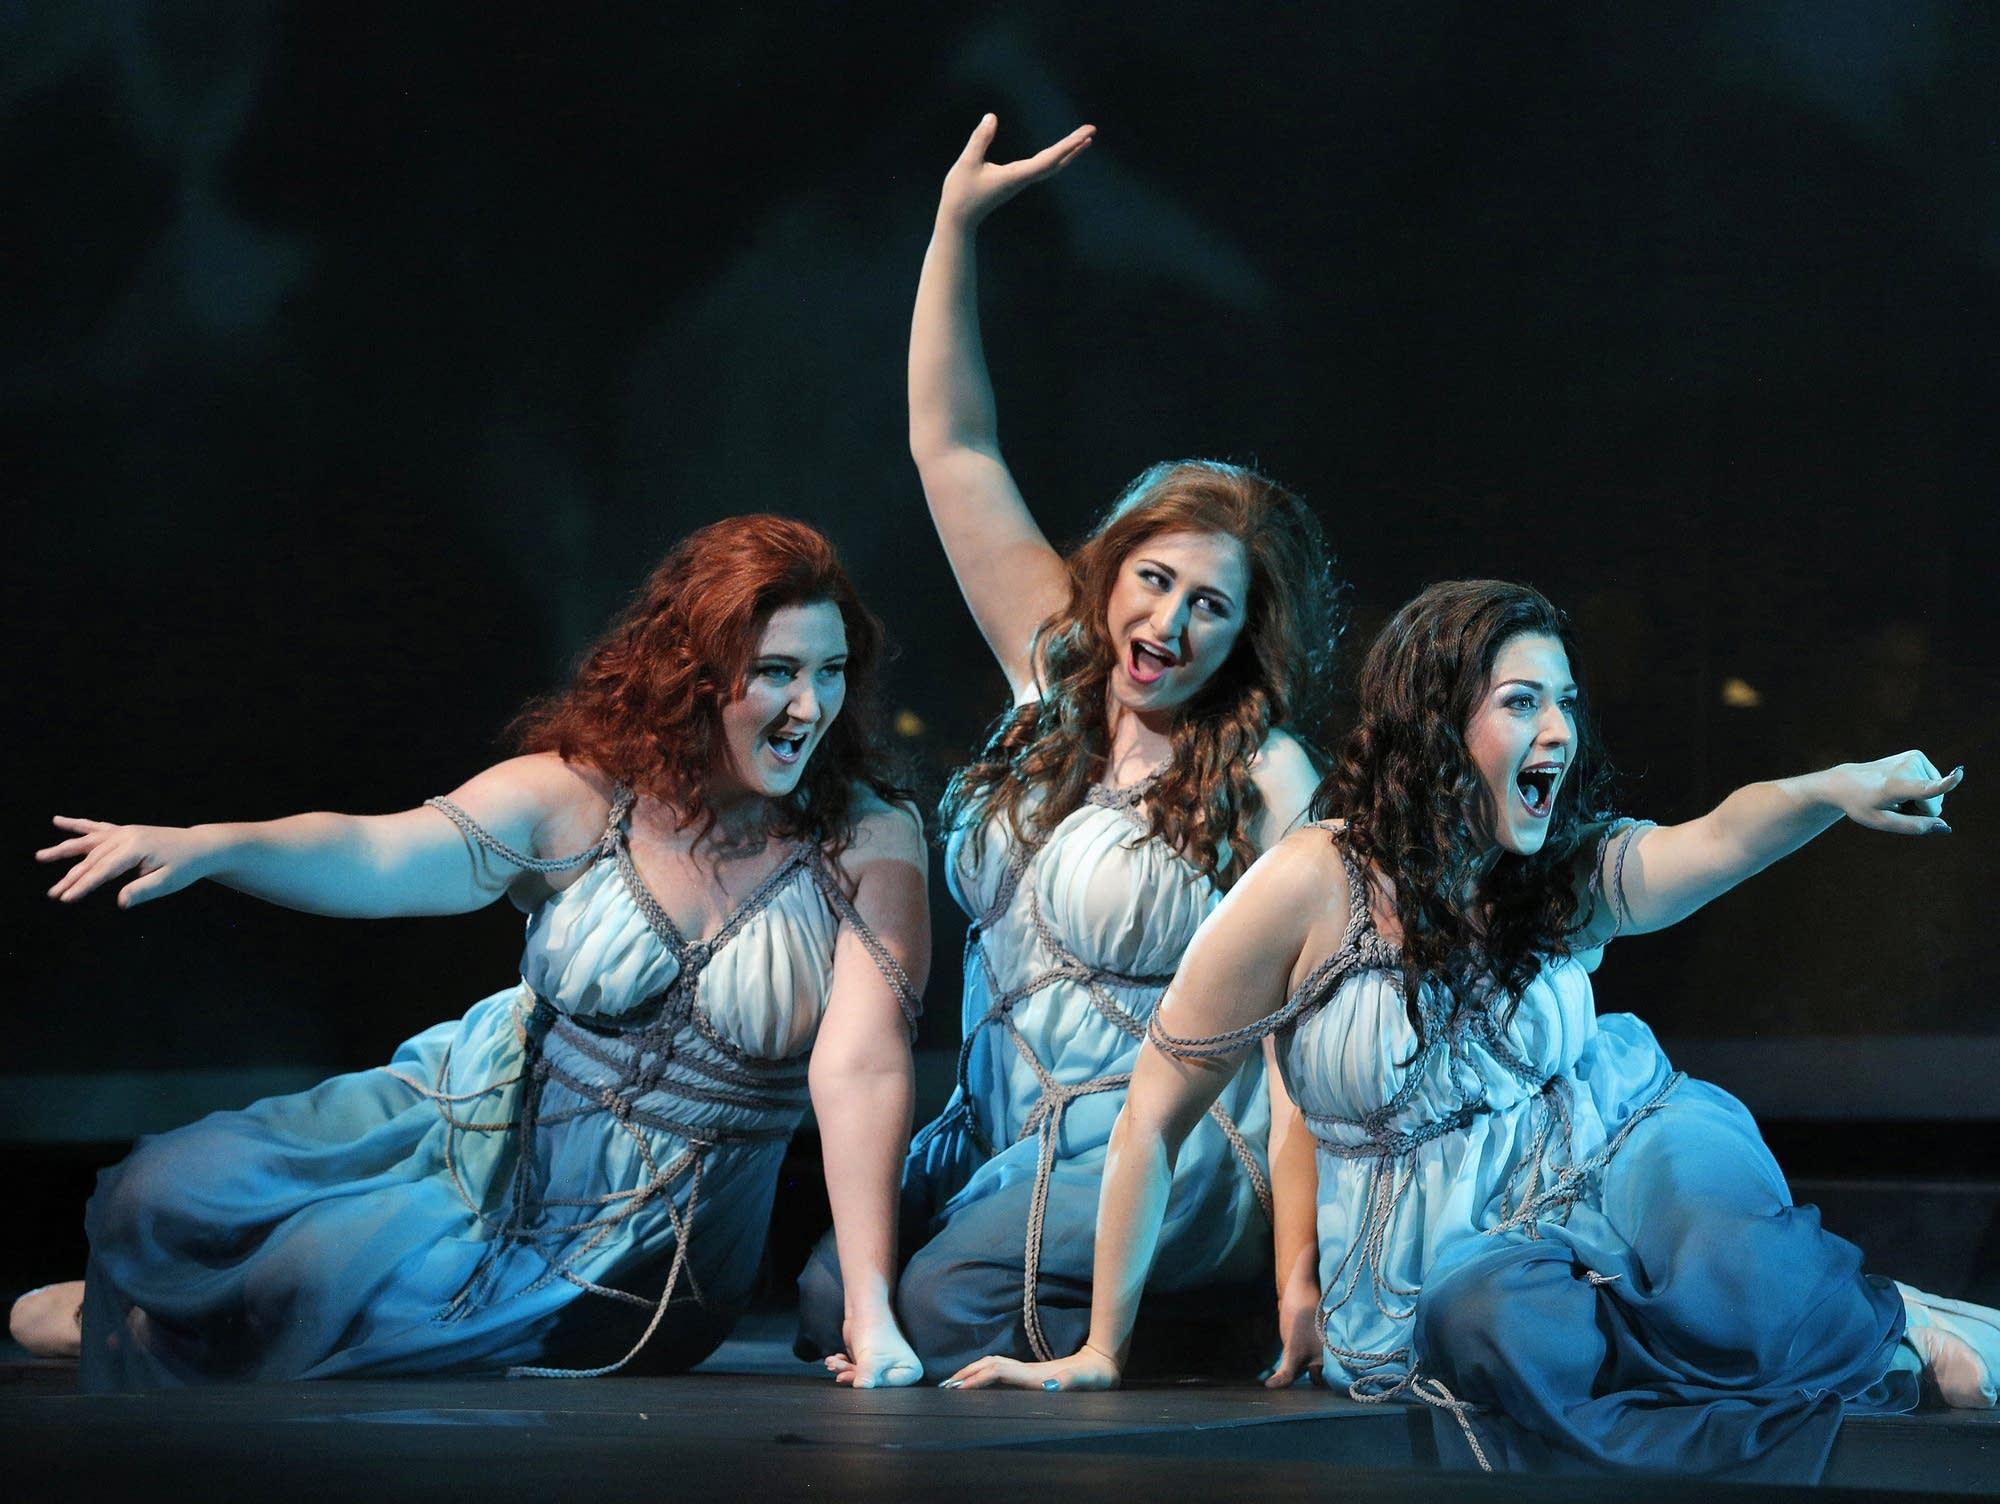 Three Rhinemaidens